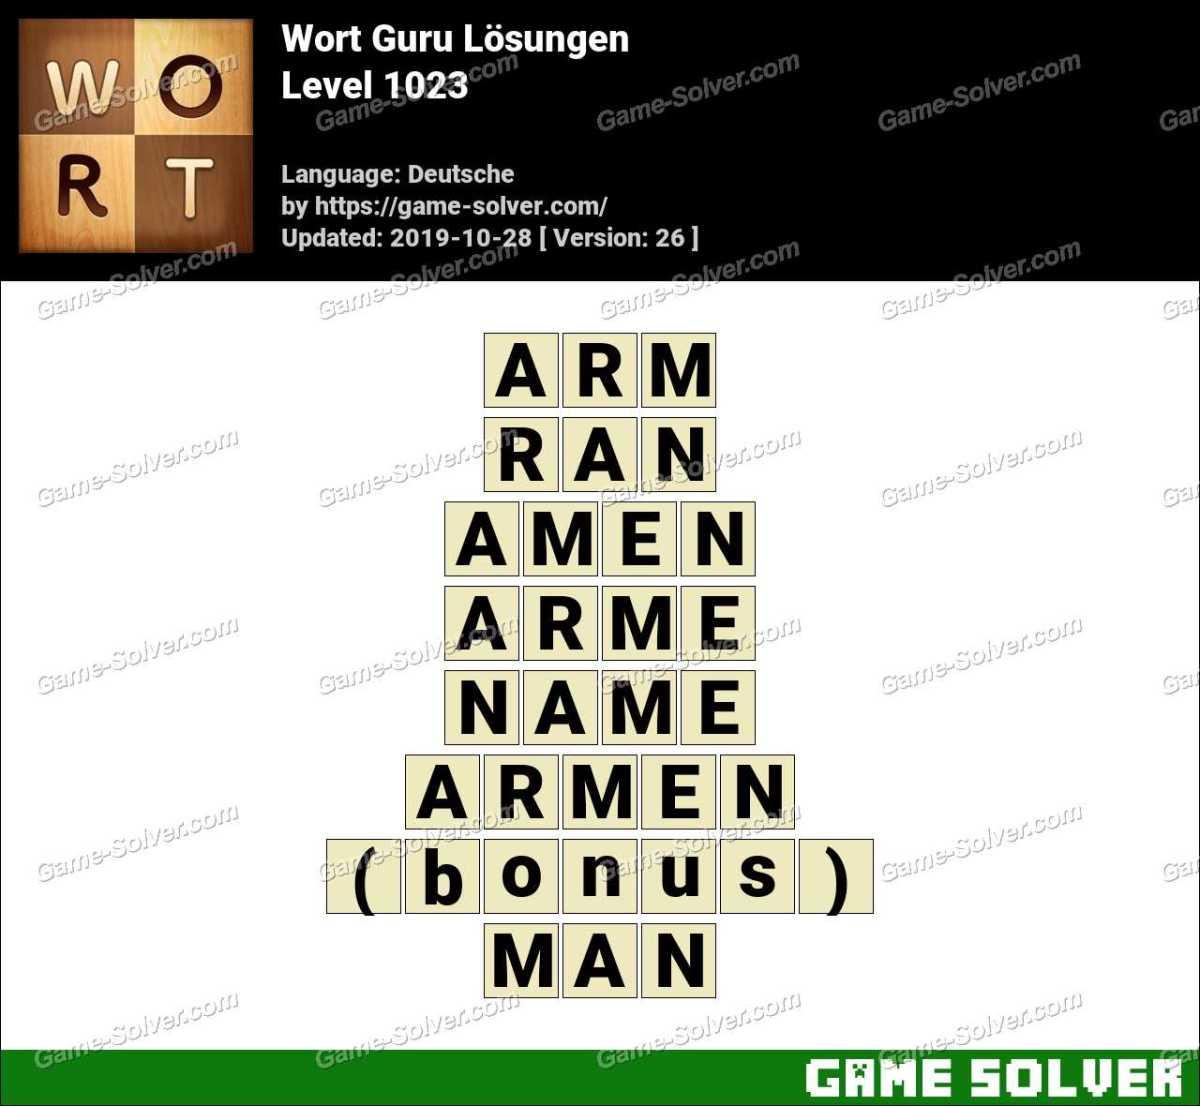 Wort Guru Level 1023 Lösungen